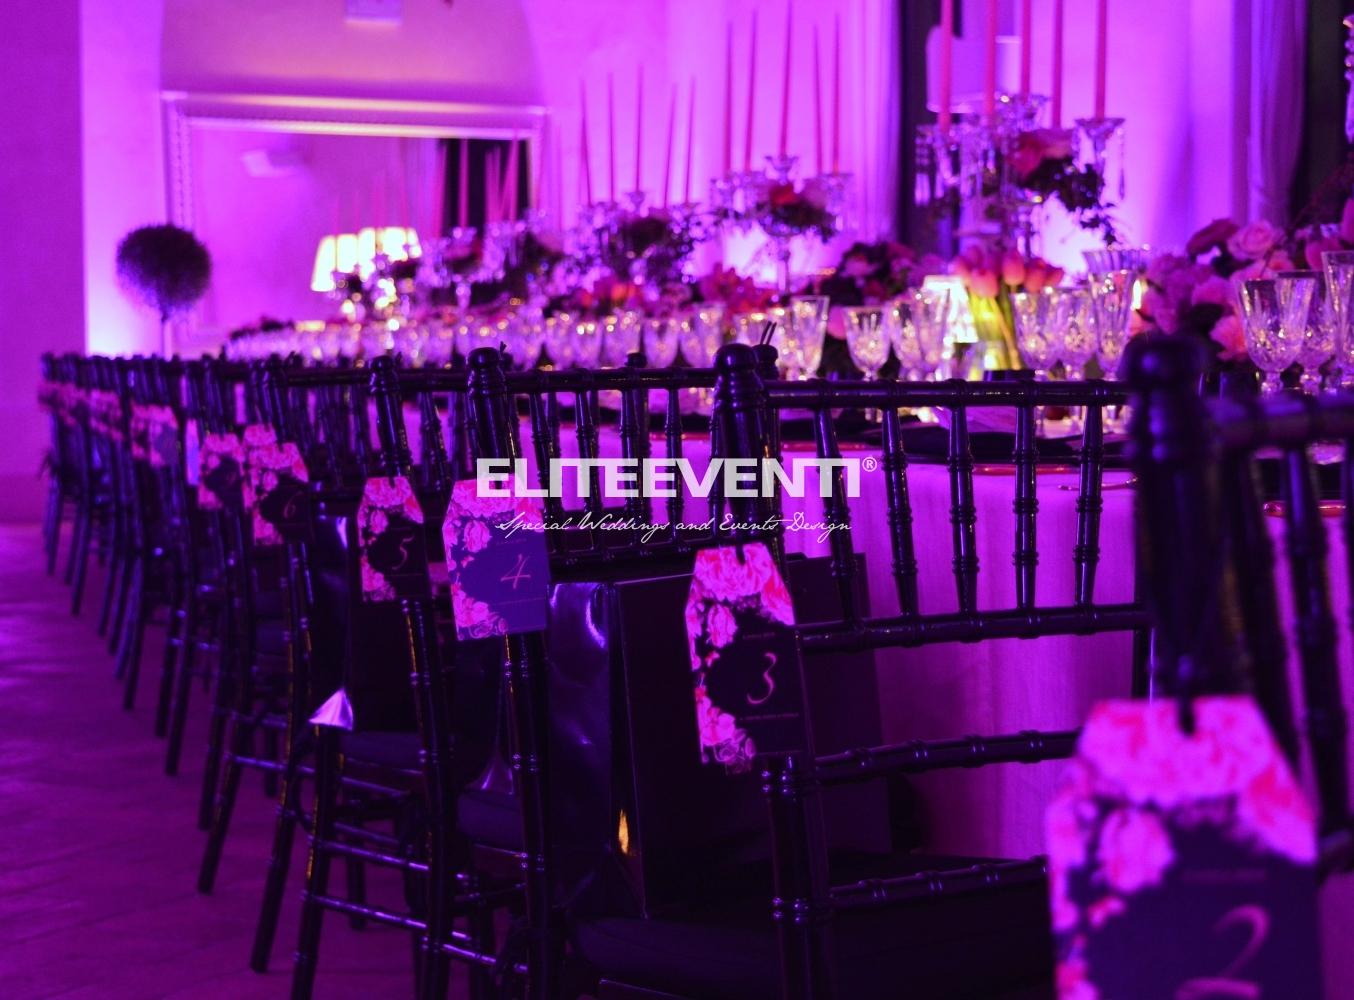 eliteeventy-luxury-event-style-3